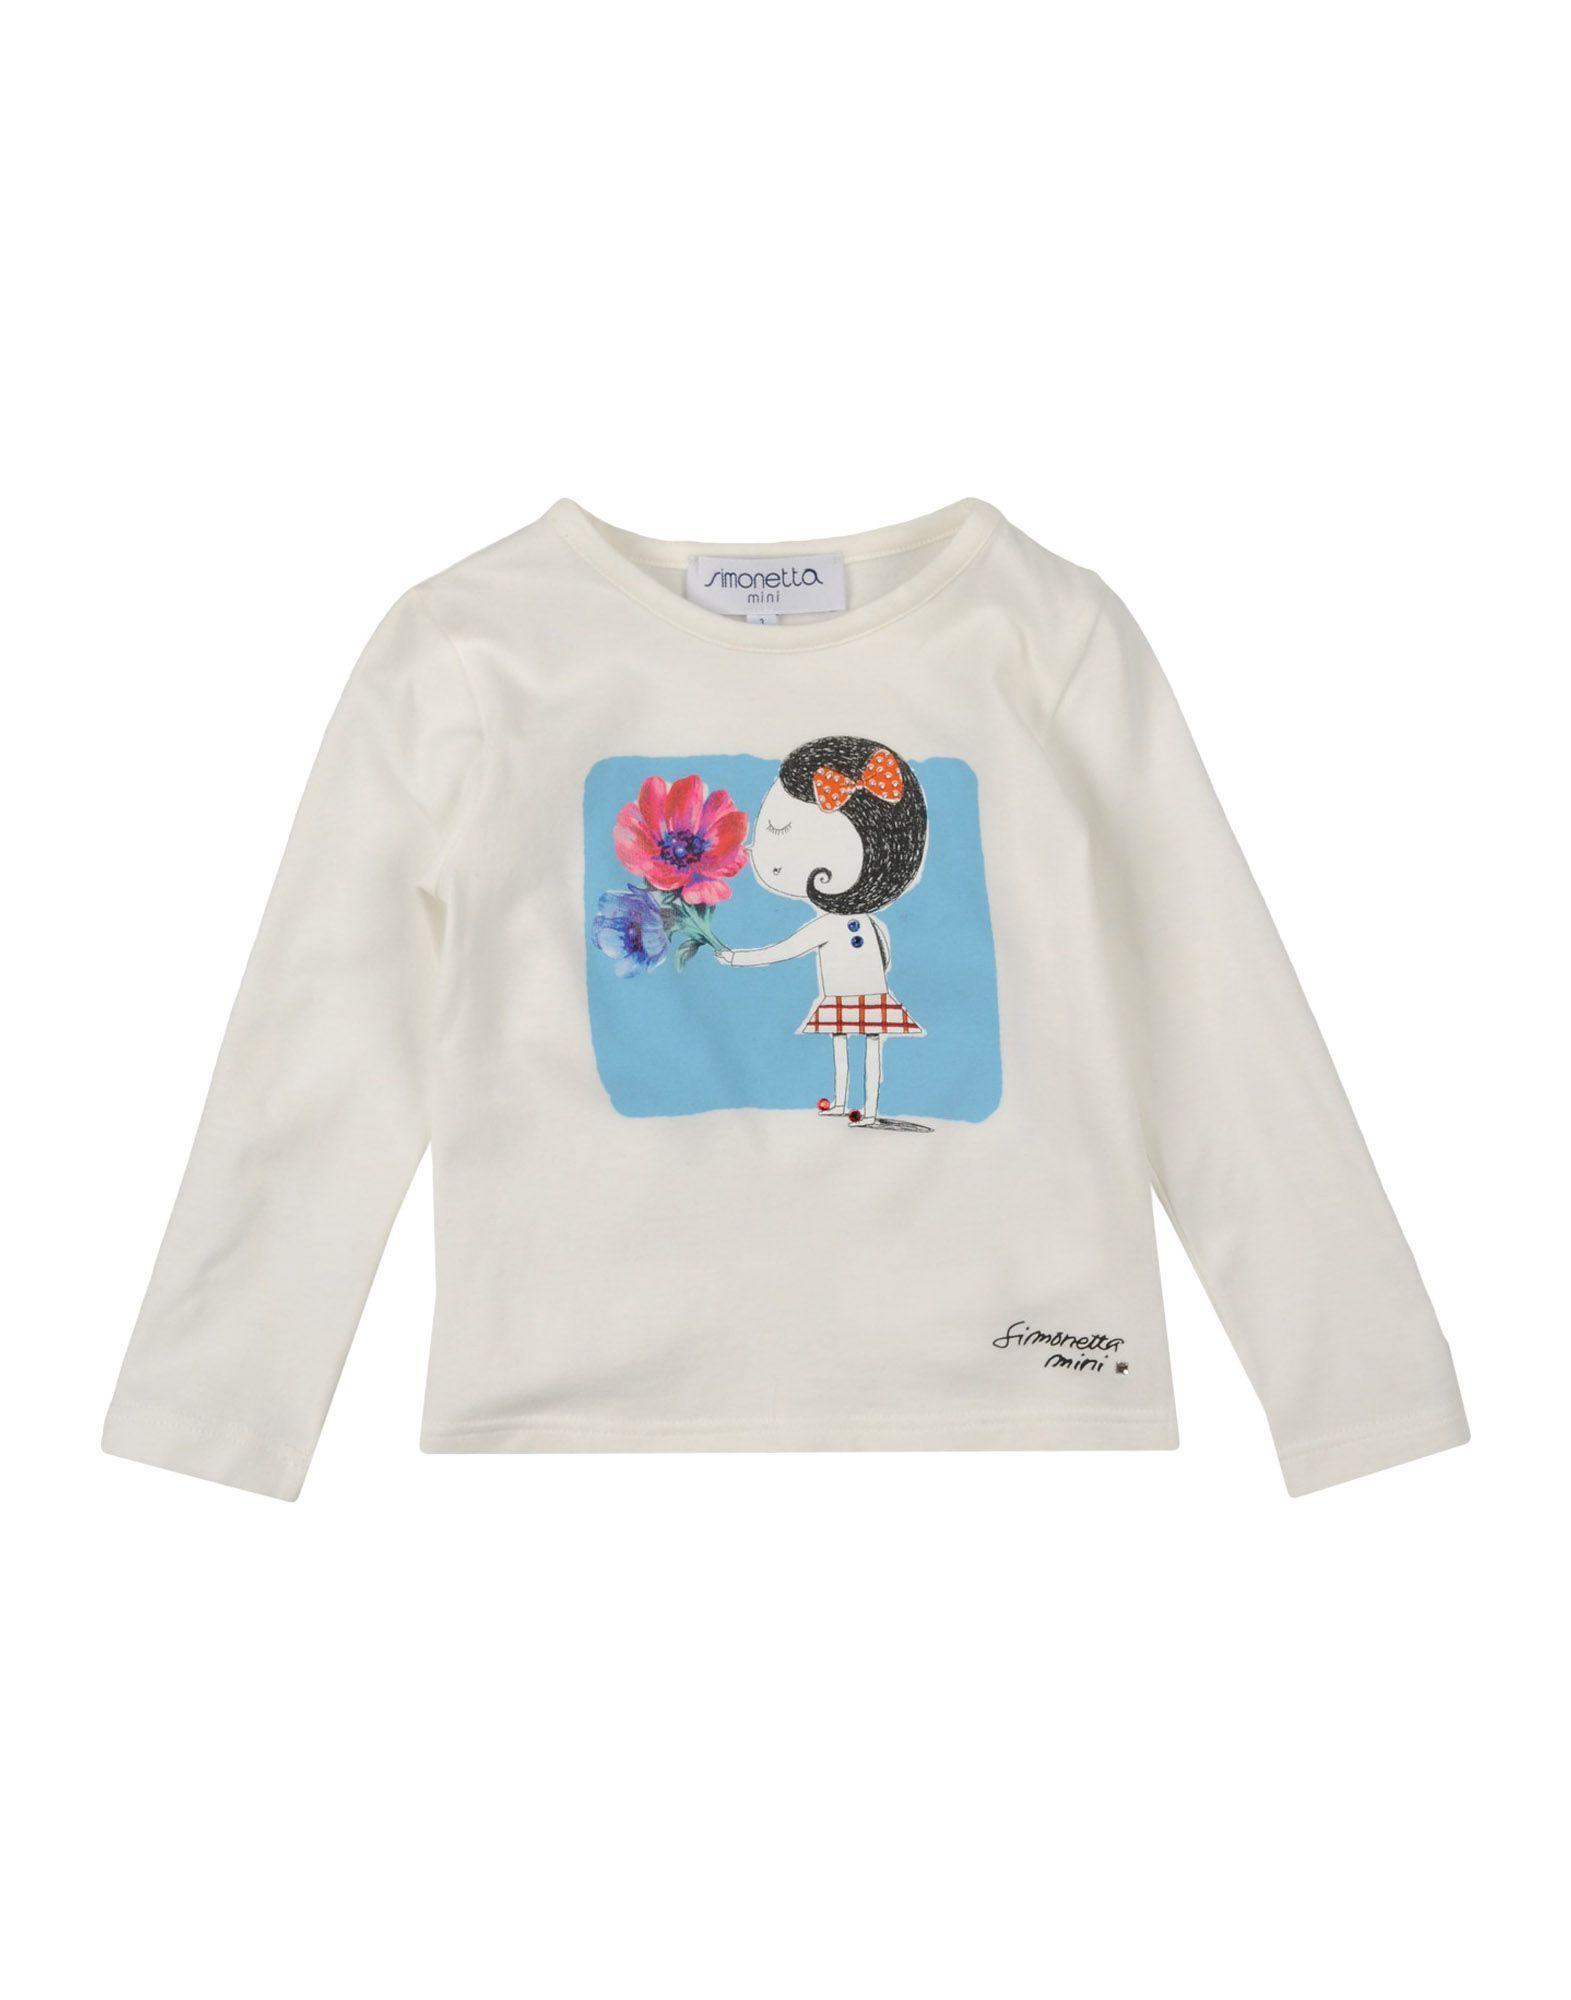 TOPWEAR Simonetta Mini Ivory Girl Cotton